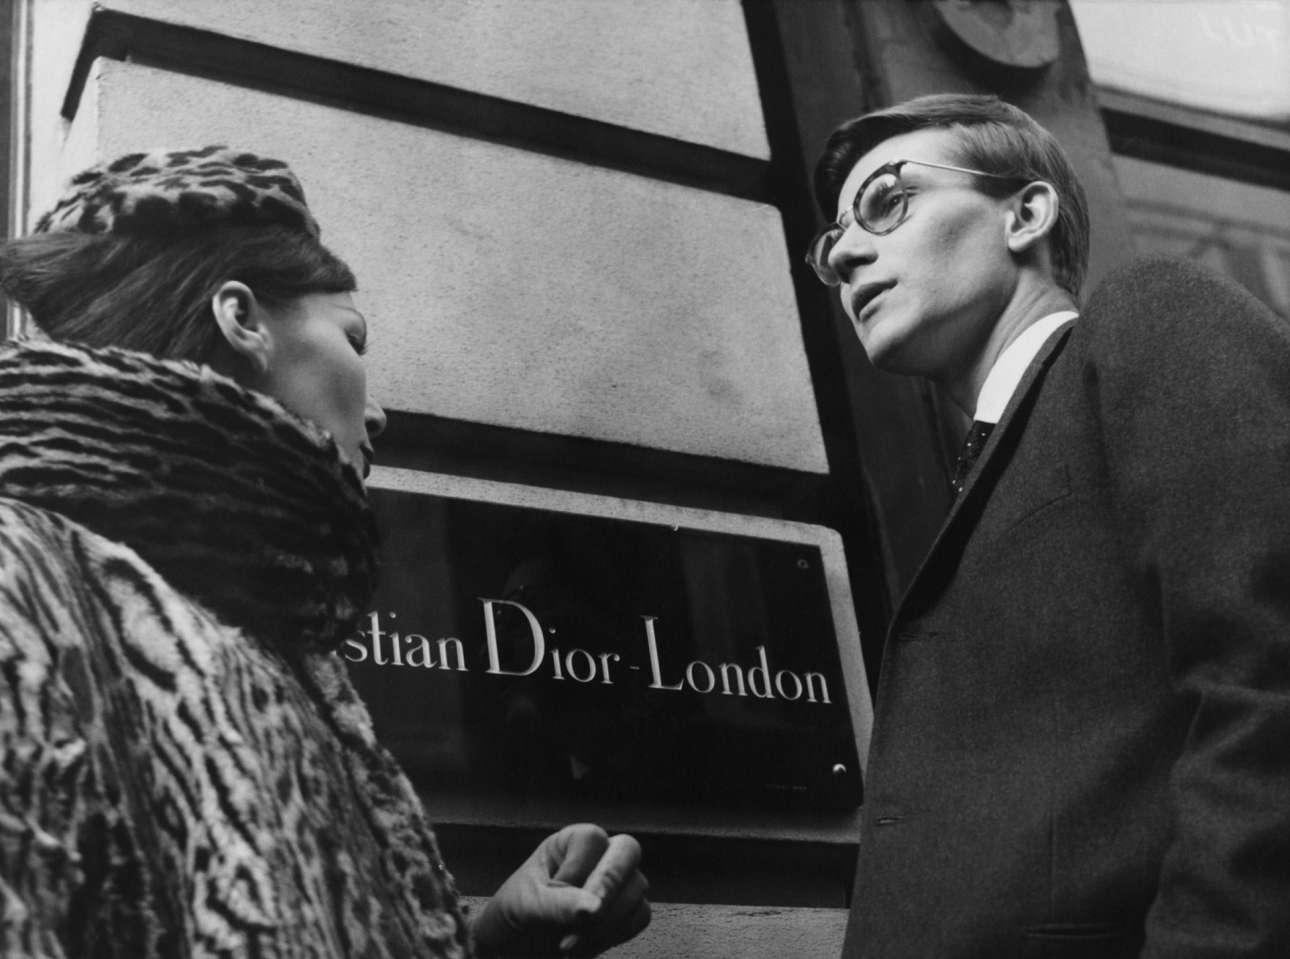 Ο Ιβ Σεν Λοράν έξω από το κατάστημα του Ντιόρ στο Λονδίνο, το 1958